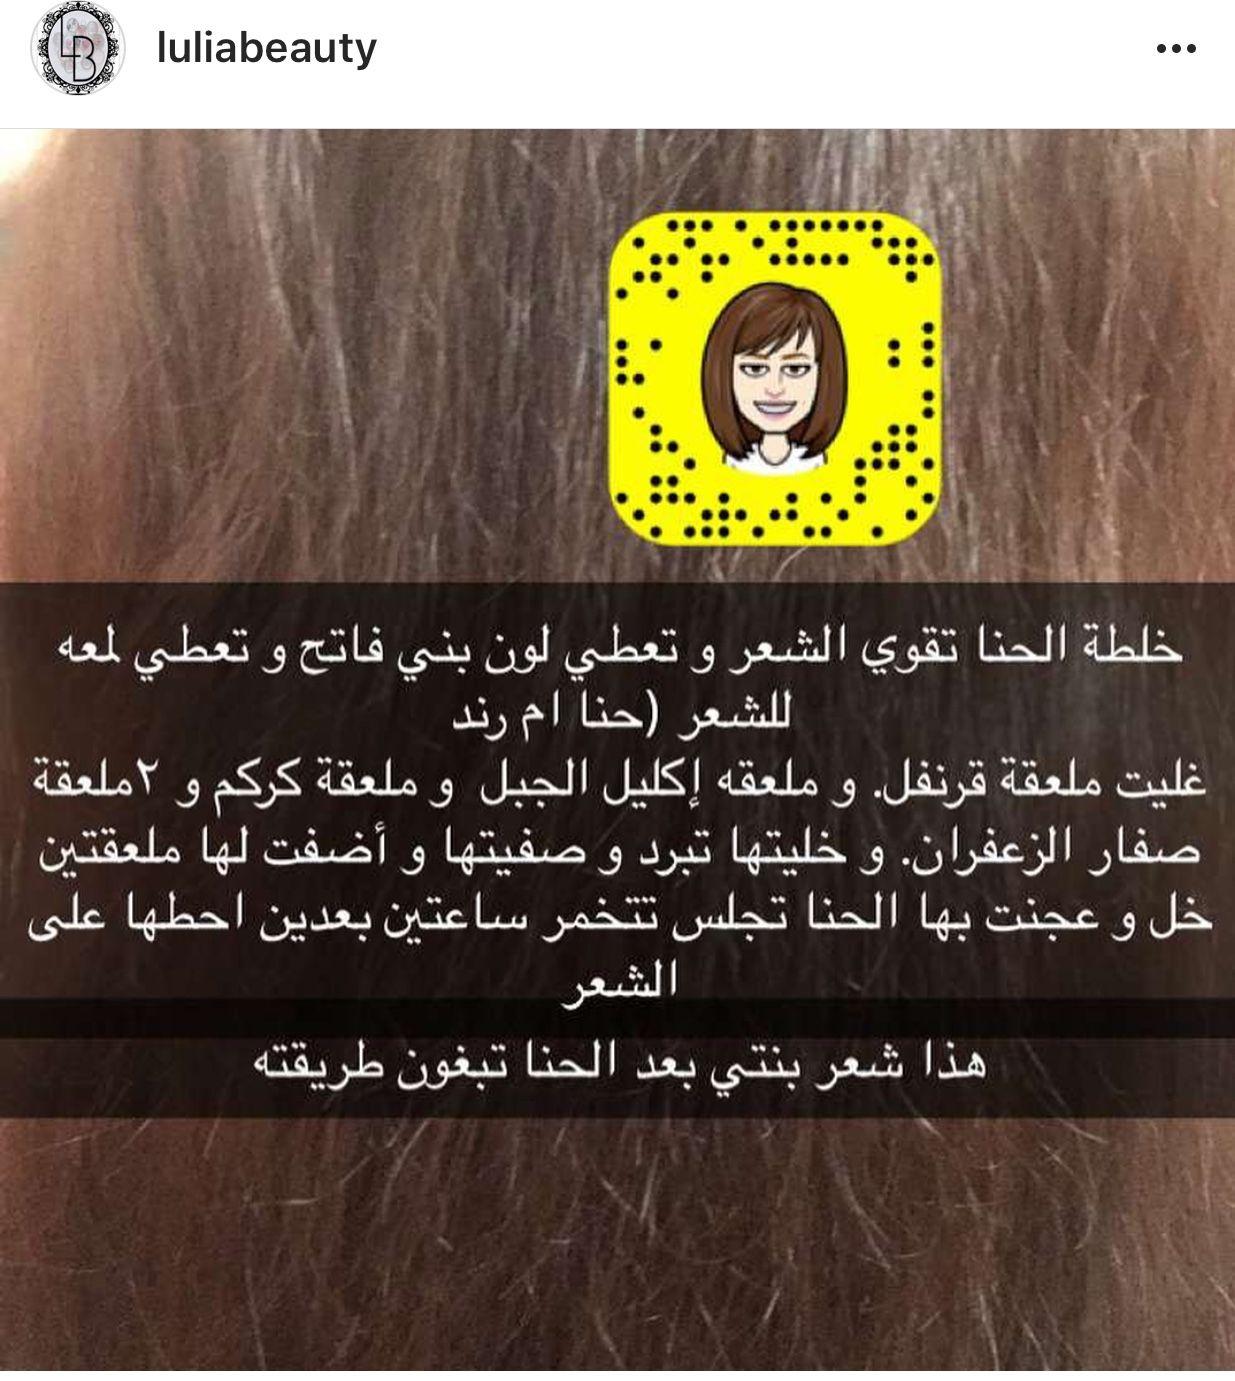 Pin By Marwa Attia On Beautytips Snapchat Screenshot Ceelo Beauty Hacks